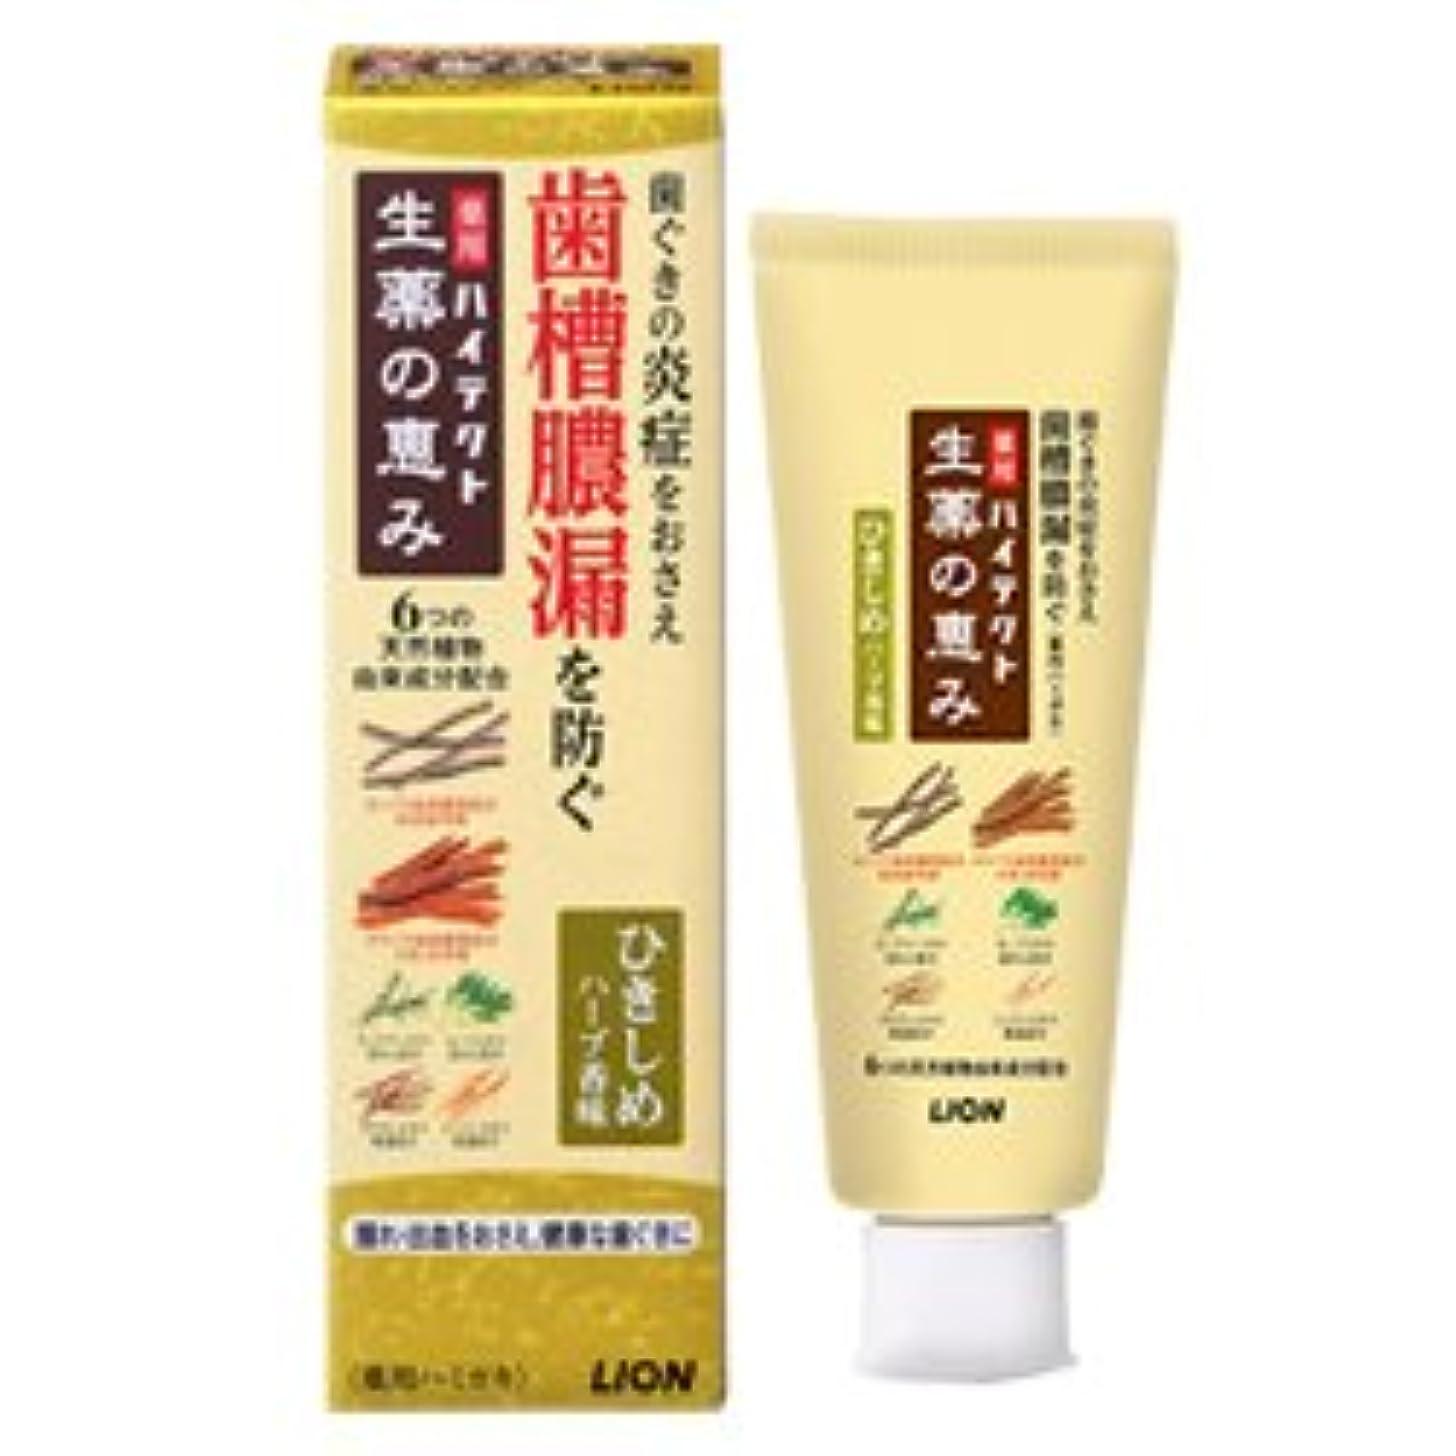 因子リハーサルプラカード【ライオン】ハイテクト 生薬の恵み ひきしめハーブ香味90g×5個セット